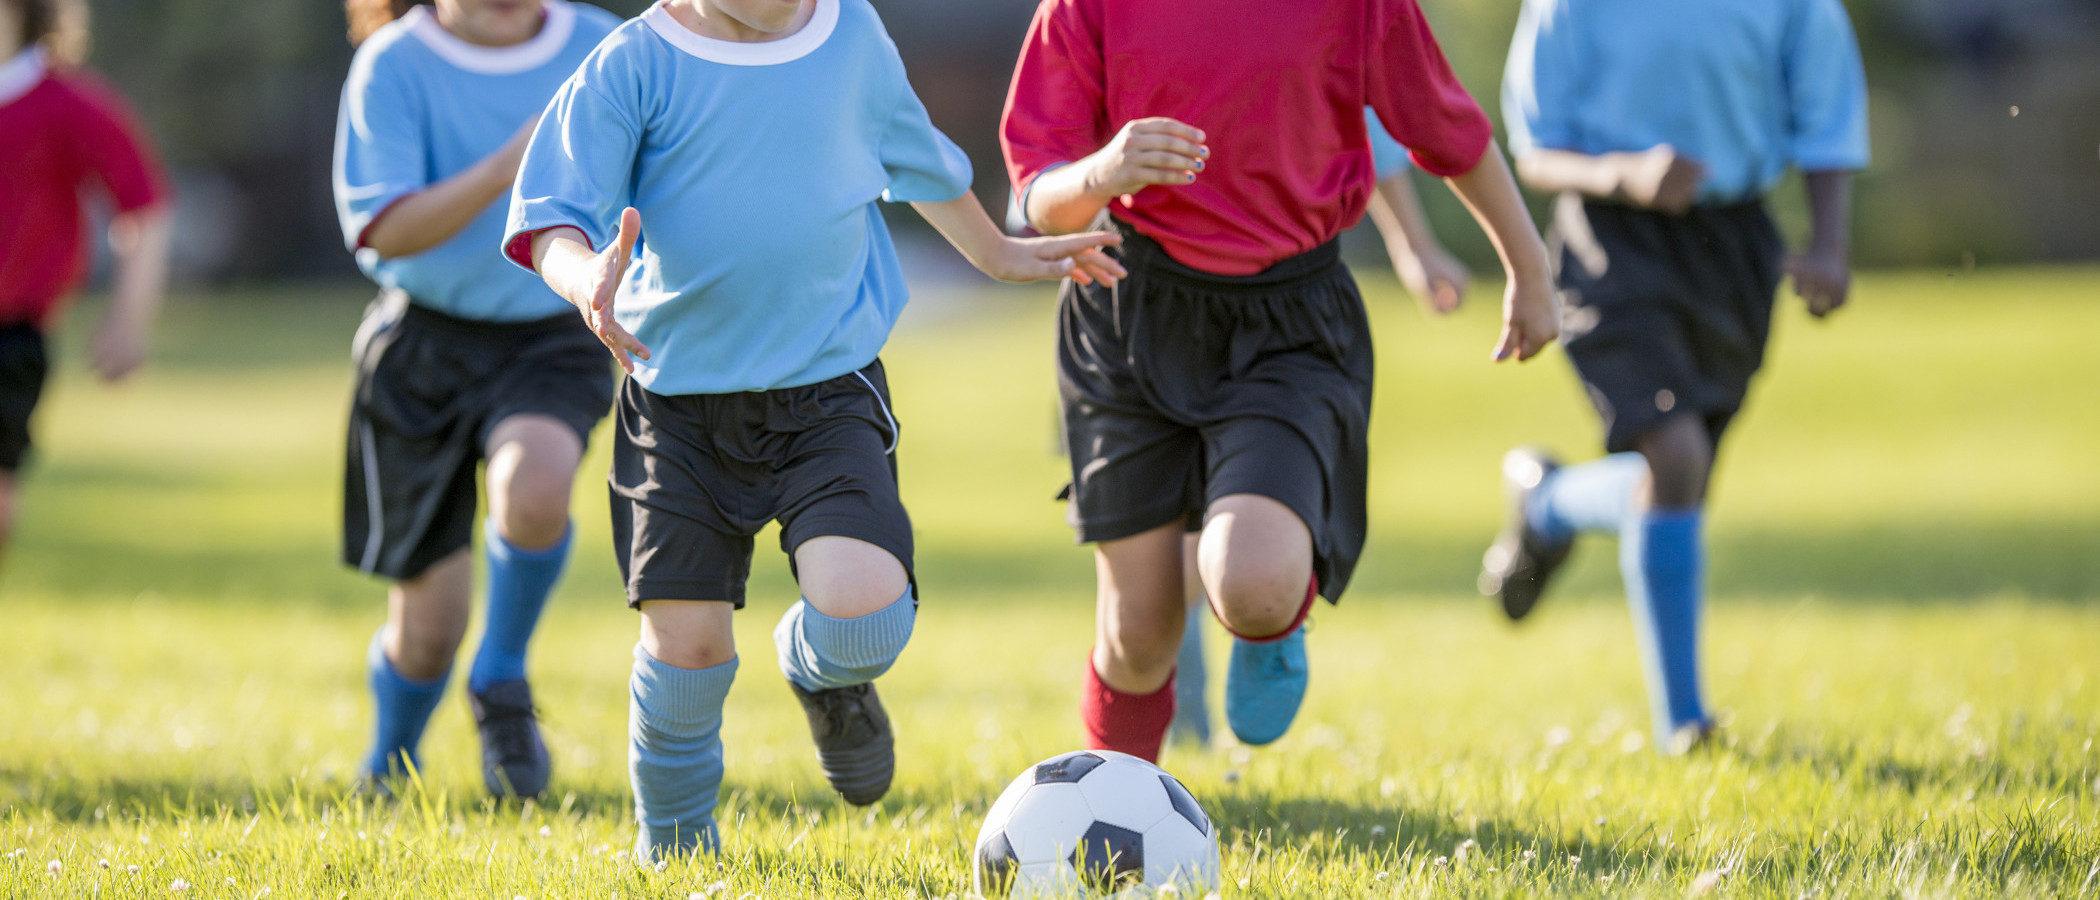 El fútbol: una actividad extraescolar beneficiosa para todos